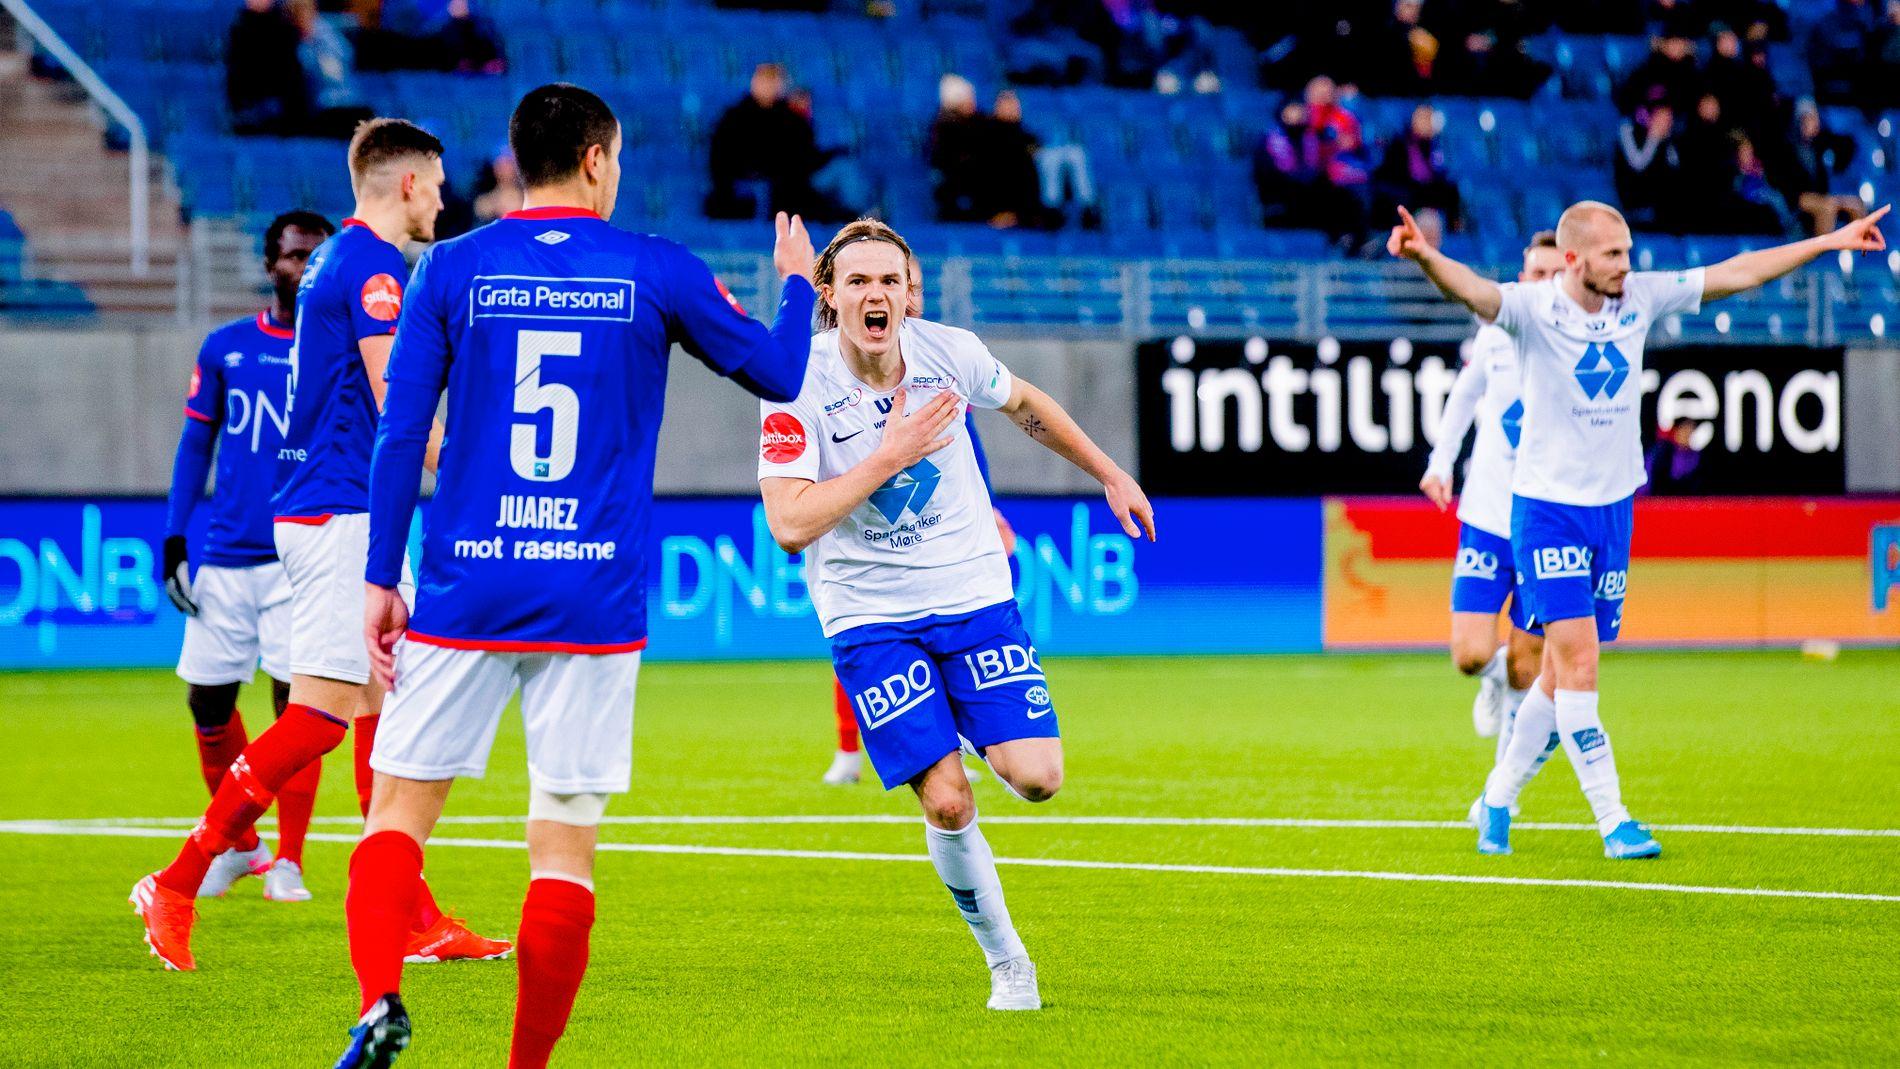 Molde stenger trening VG Nå: Sportsdøgnet